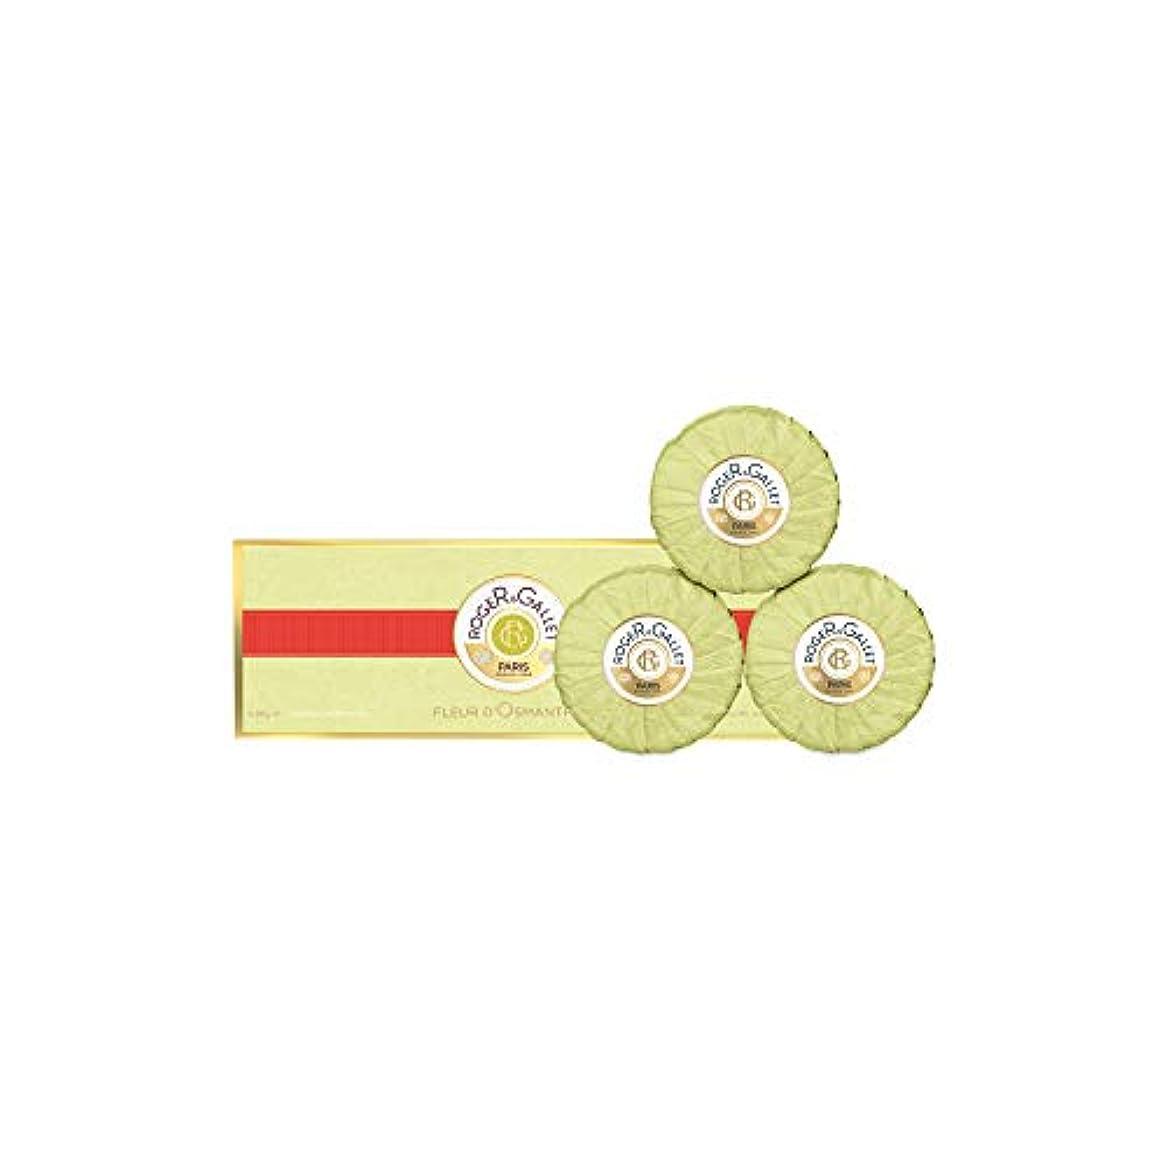 とにかく基礎広告フルール ド オスマンサス パフュームド ソープ (セット) 100g×3 【ロジェガレ】 [並行輸入品]